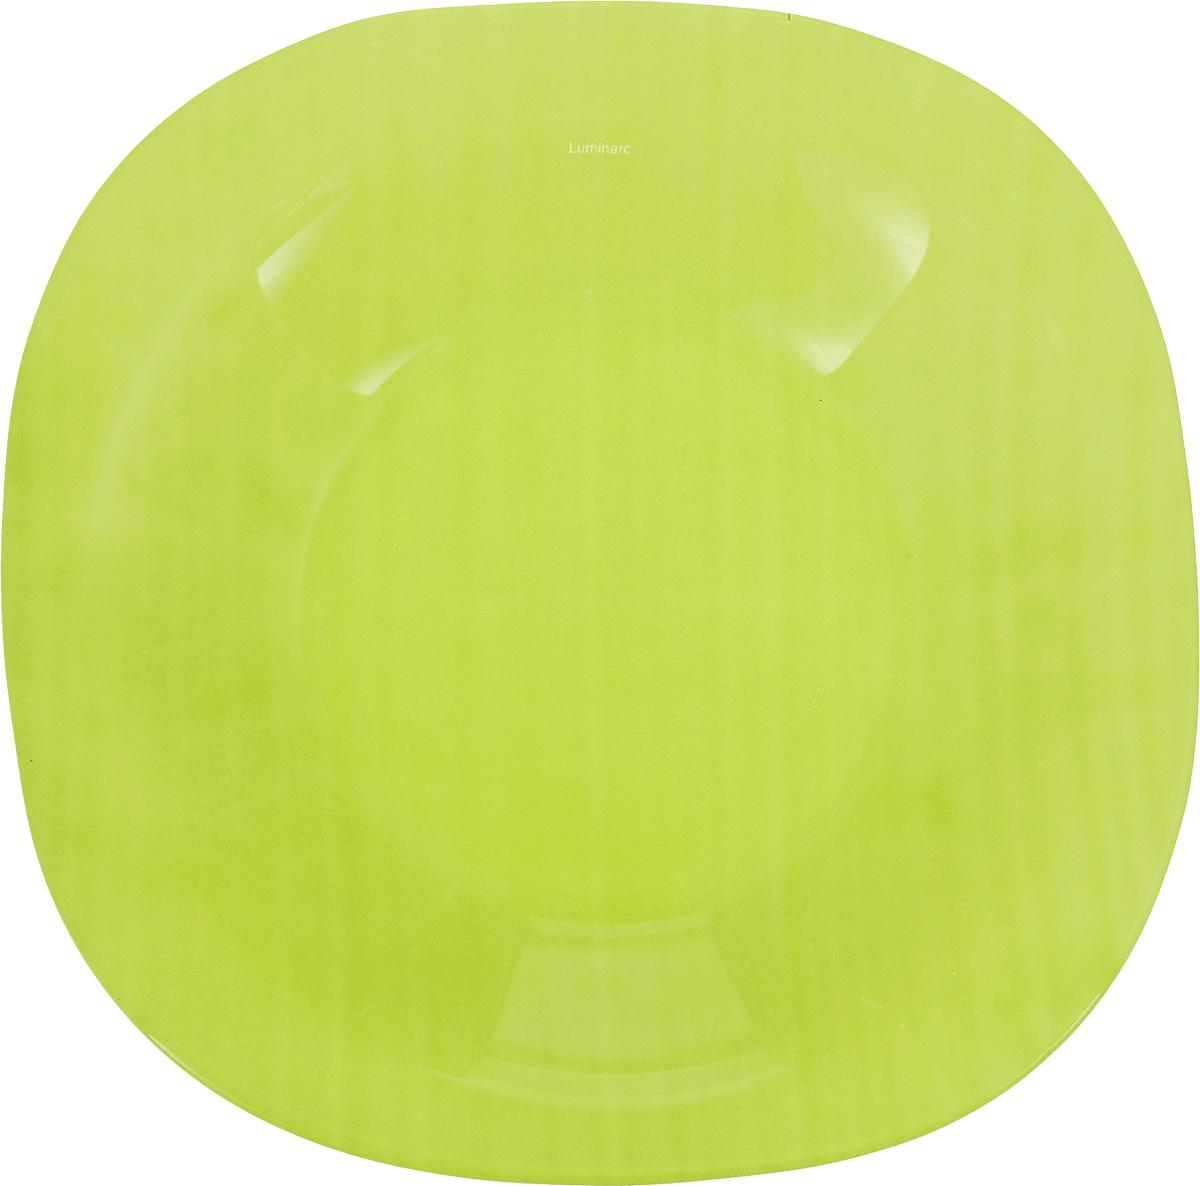 Тарелка глубокая Luminarc Colorama, цвет: зеленый, 20,5 х 20,5 смJ7764Глубокая тарелка Luminarc Colorama выполнена из ударопрочного стекла и оформлена в классическом стиле. Изделие сочетает в себе изысканный дизайн с максимальной функциональностью. Она прекрасно впишется в интерьер вашей кухни и станет достойным дополнением к кухонному инвентарю. Тарелка Luminarc Colorama подчеркнет прекрасный вкус хозяйки и станет отличным подарком. Размер (по верхнему краю): 20,5 х 20,5 см.